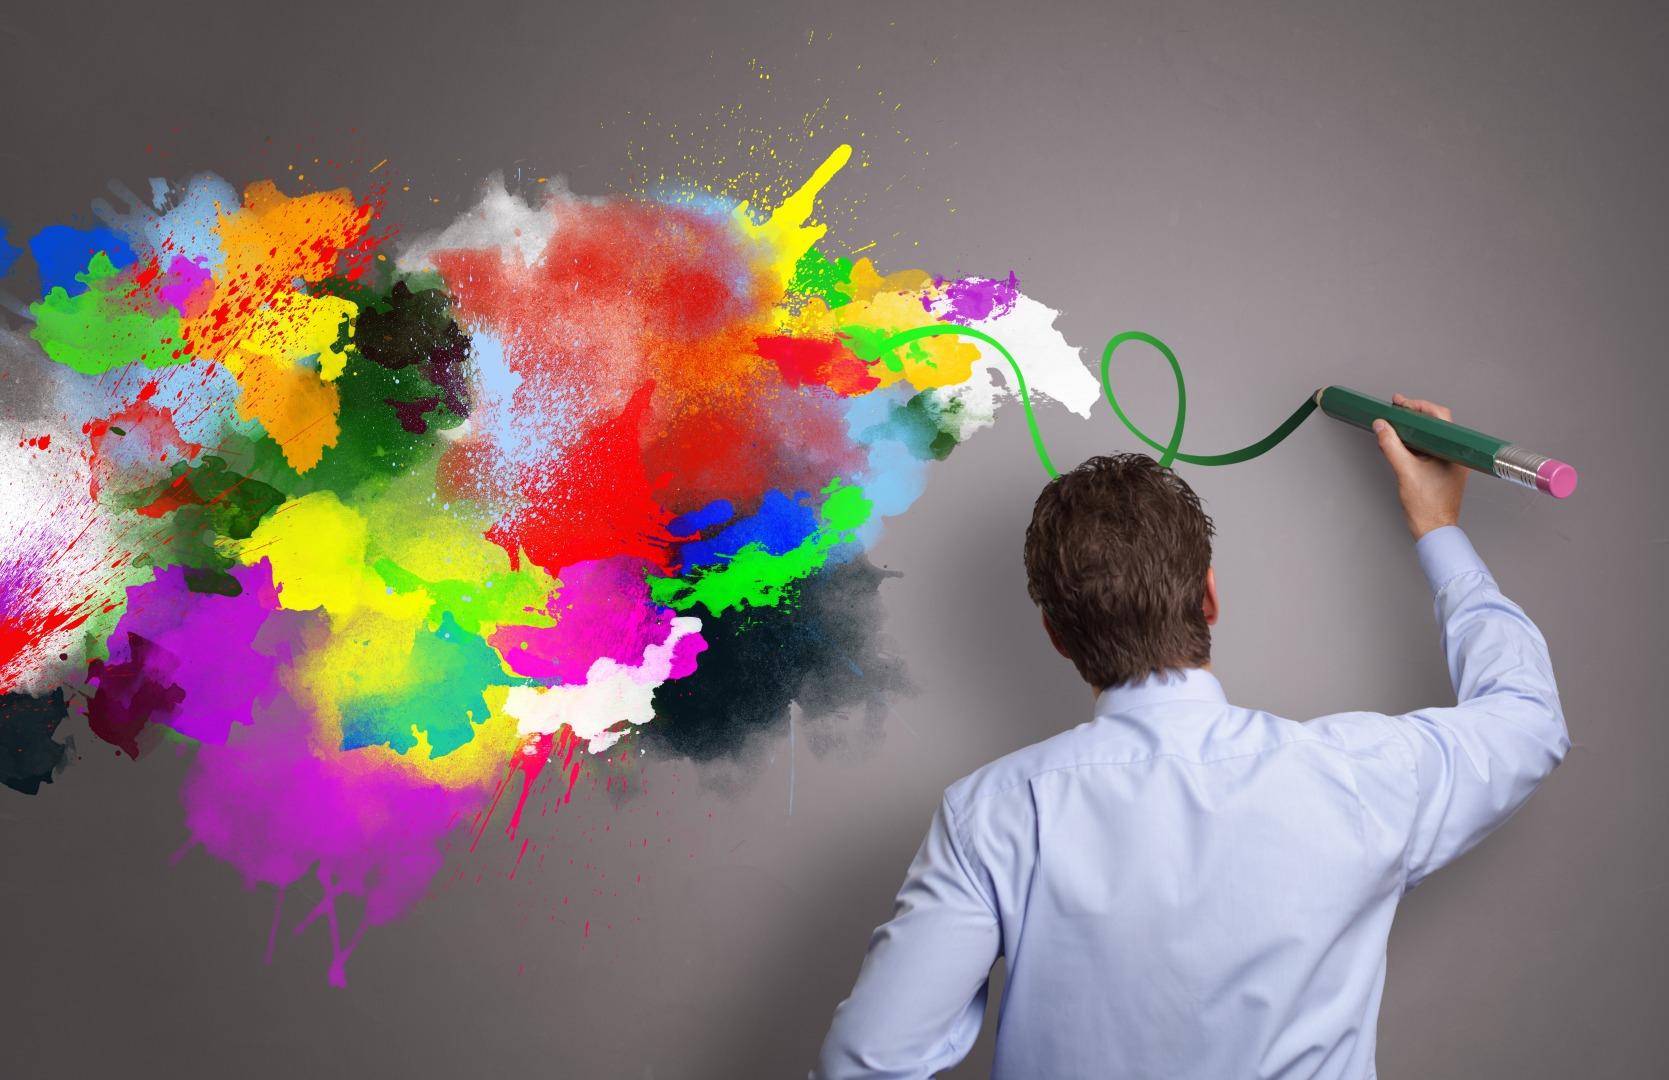 развиваем креативность в фотосъемке